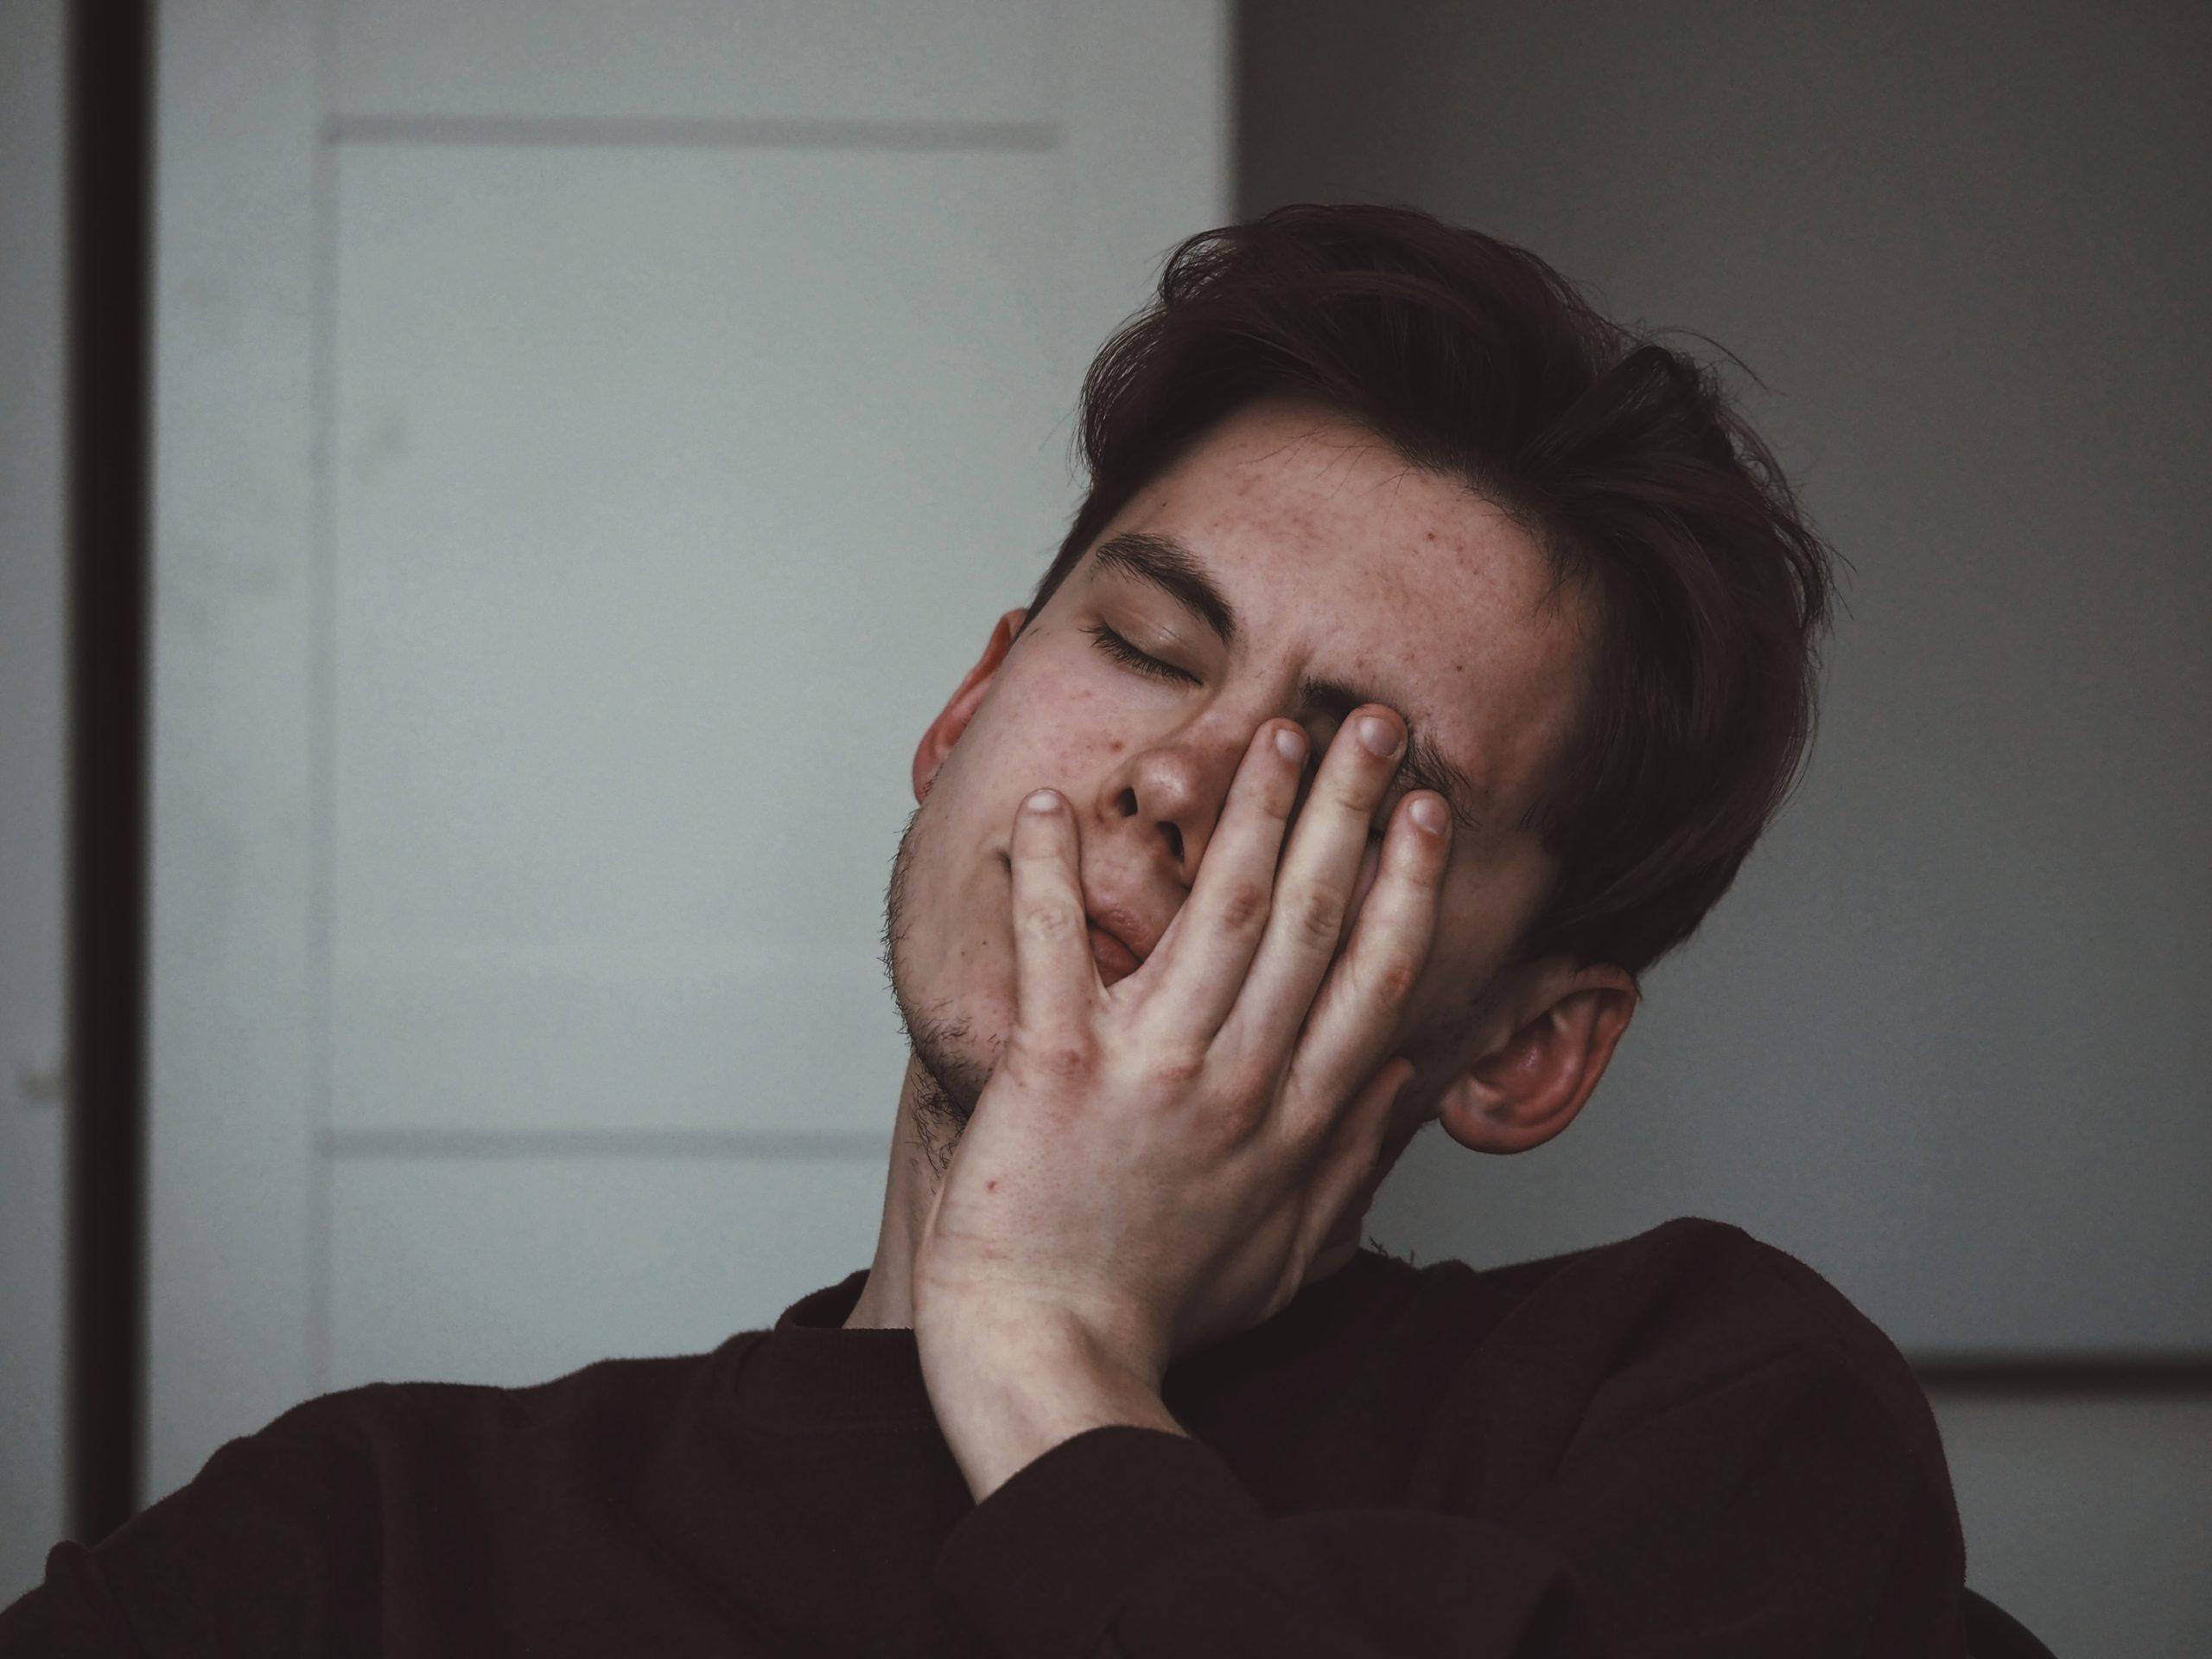 頭痛でうなだれる男性